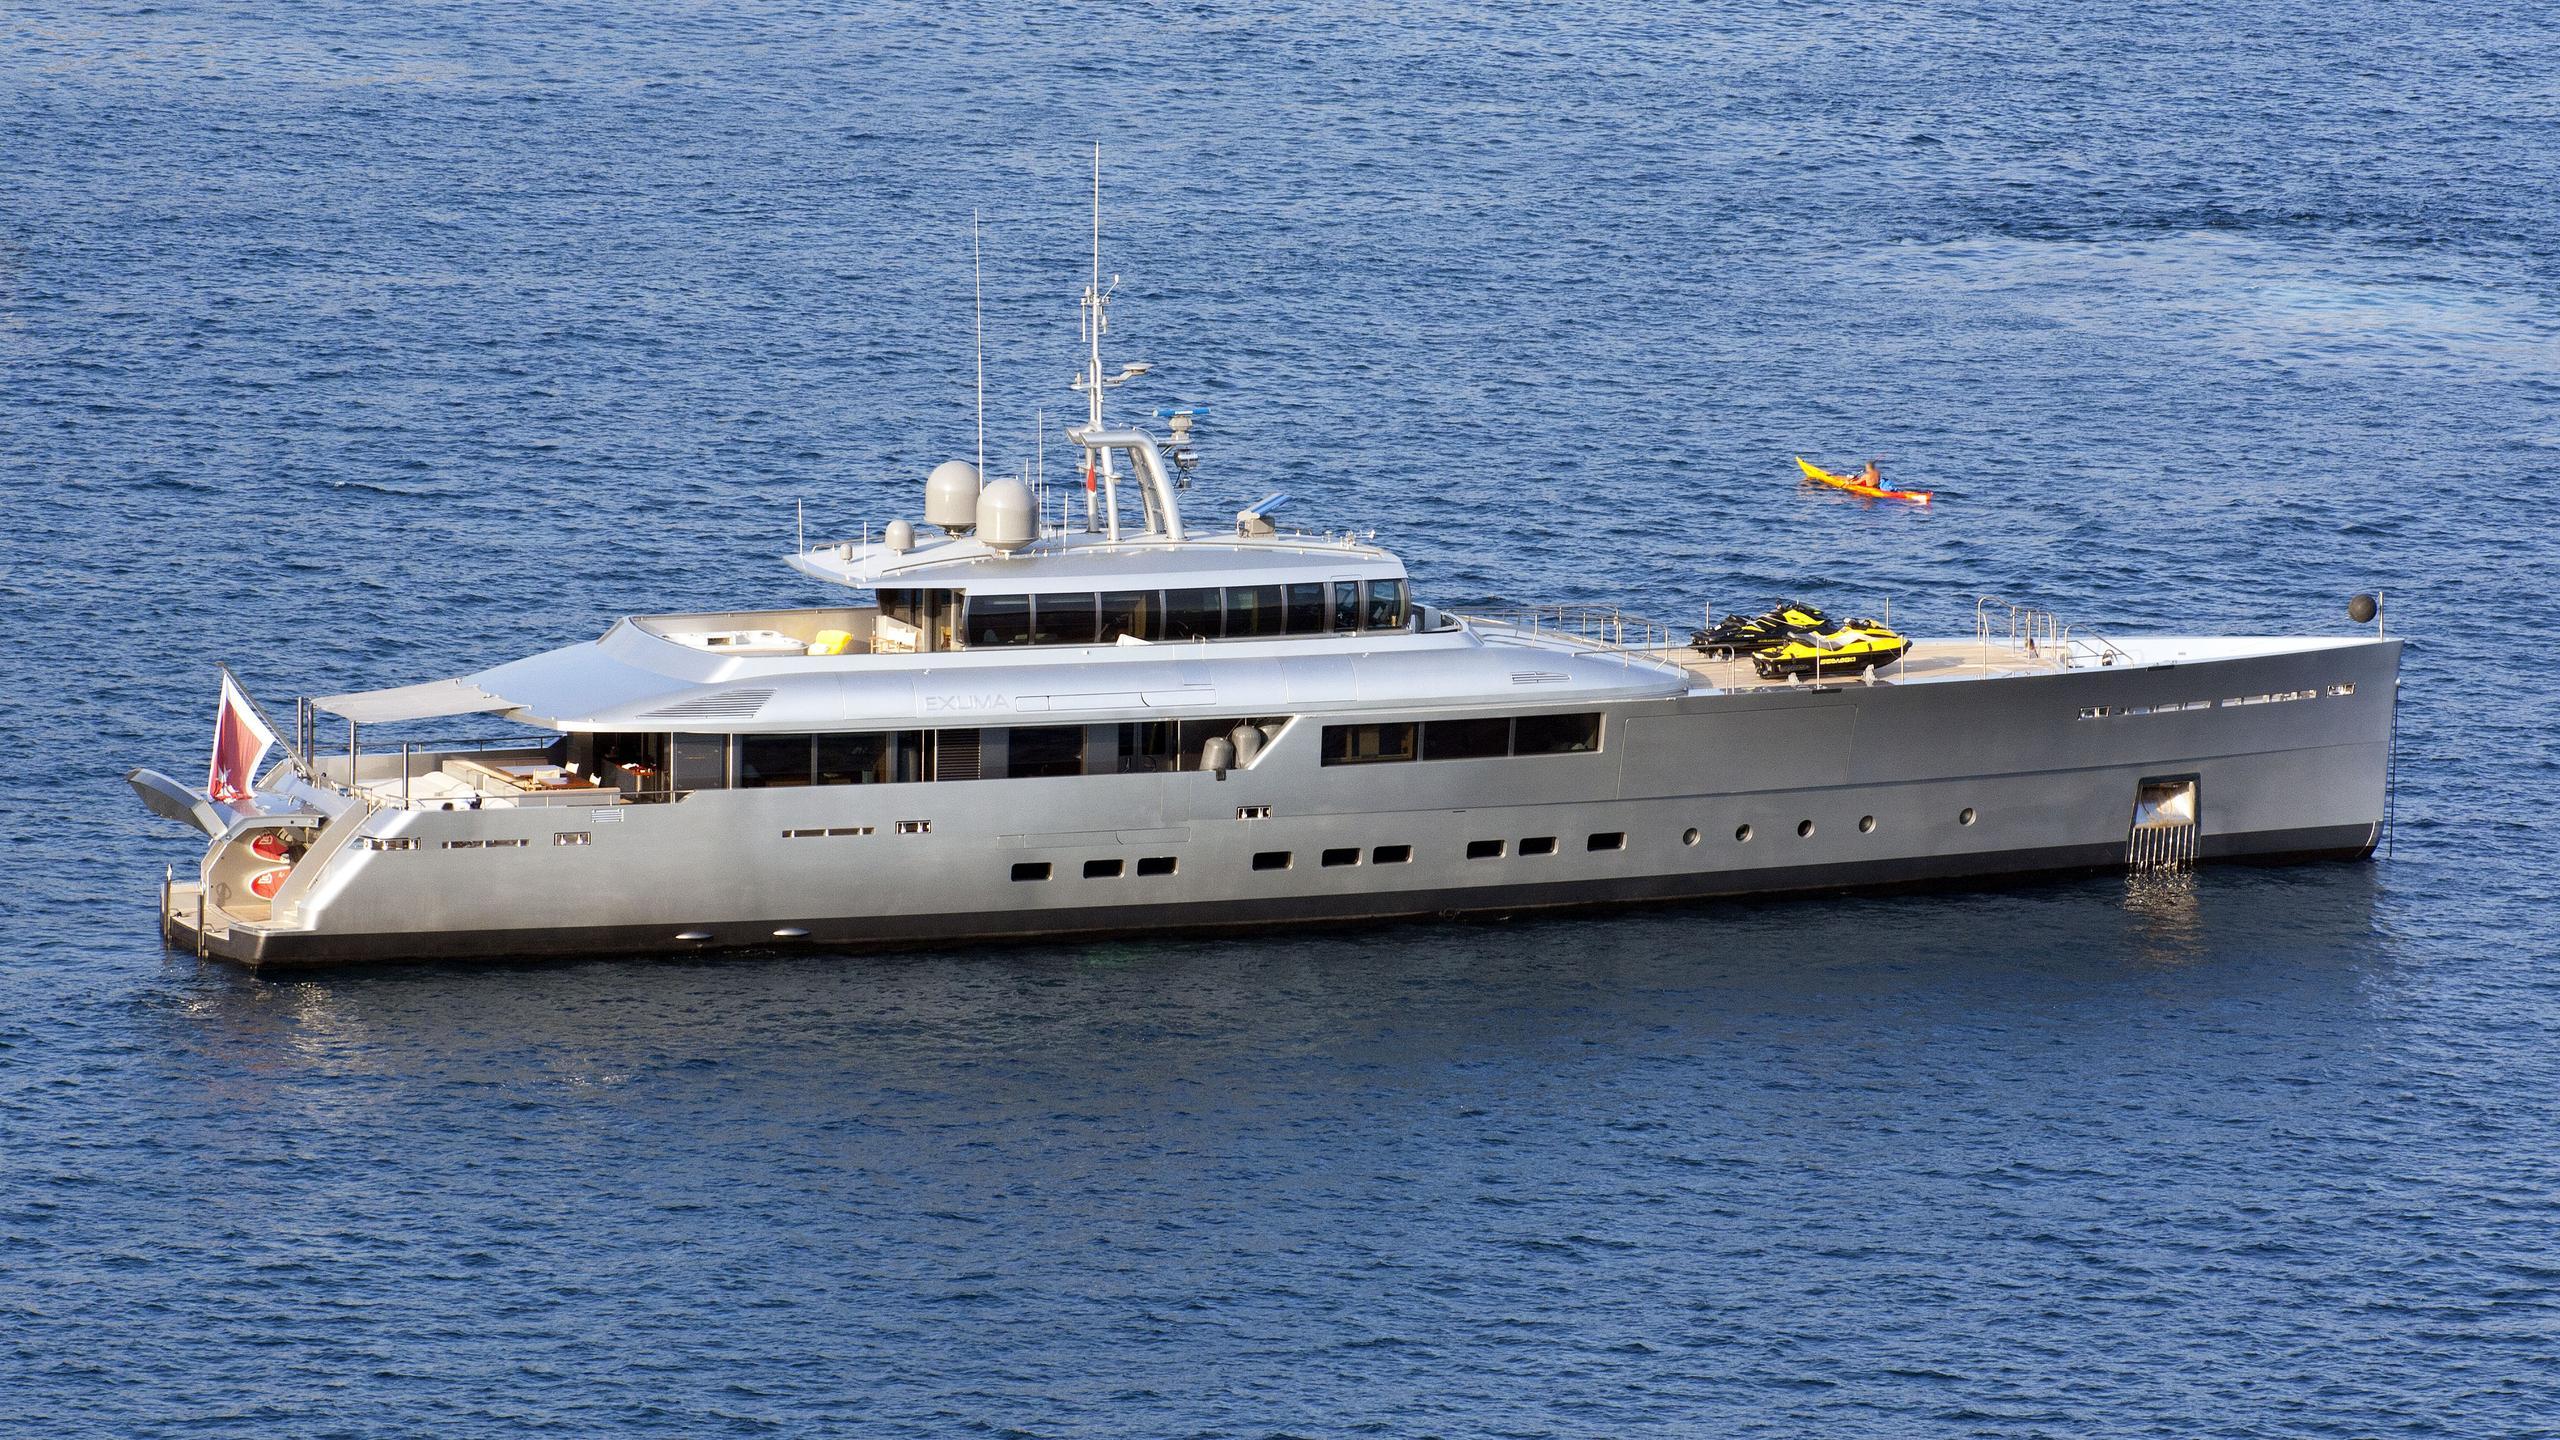 exuma-motor-yacht-perini-navi-picchiotti-2010-50m-cruising